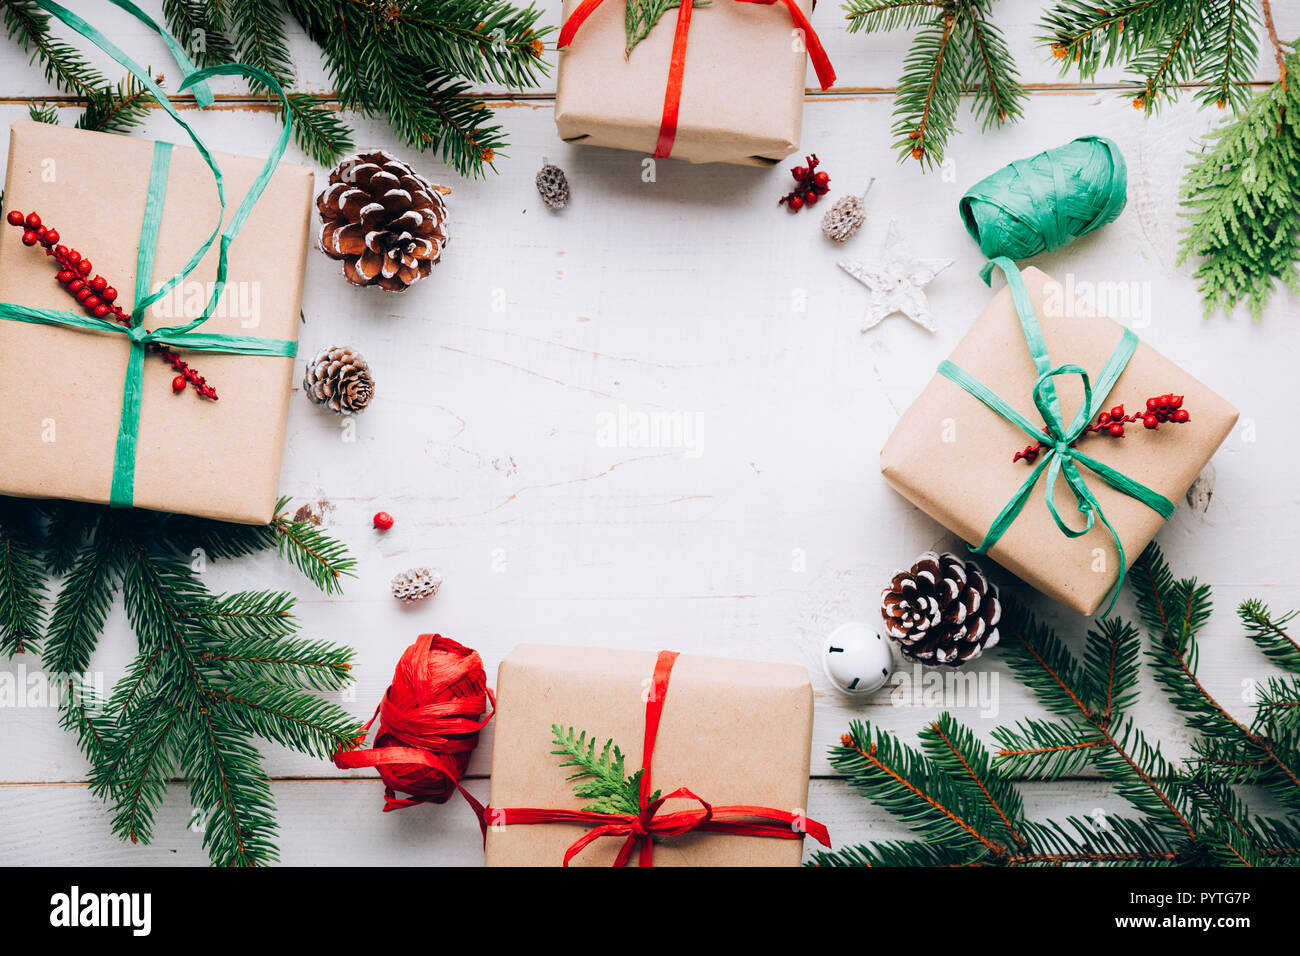 Regali Di Natale Artigianali.Regali Di Natale Con Carta Artigianale Rafia Archi Abete Rami Pin